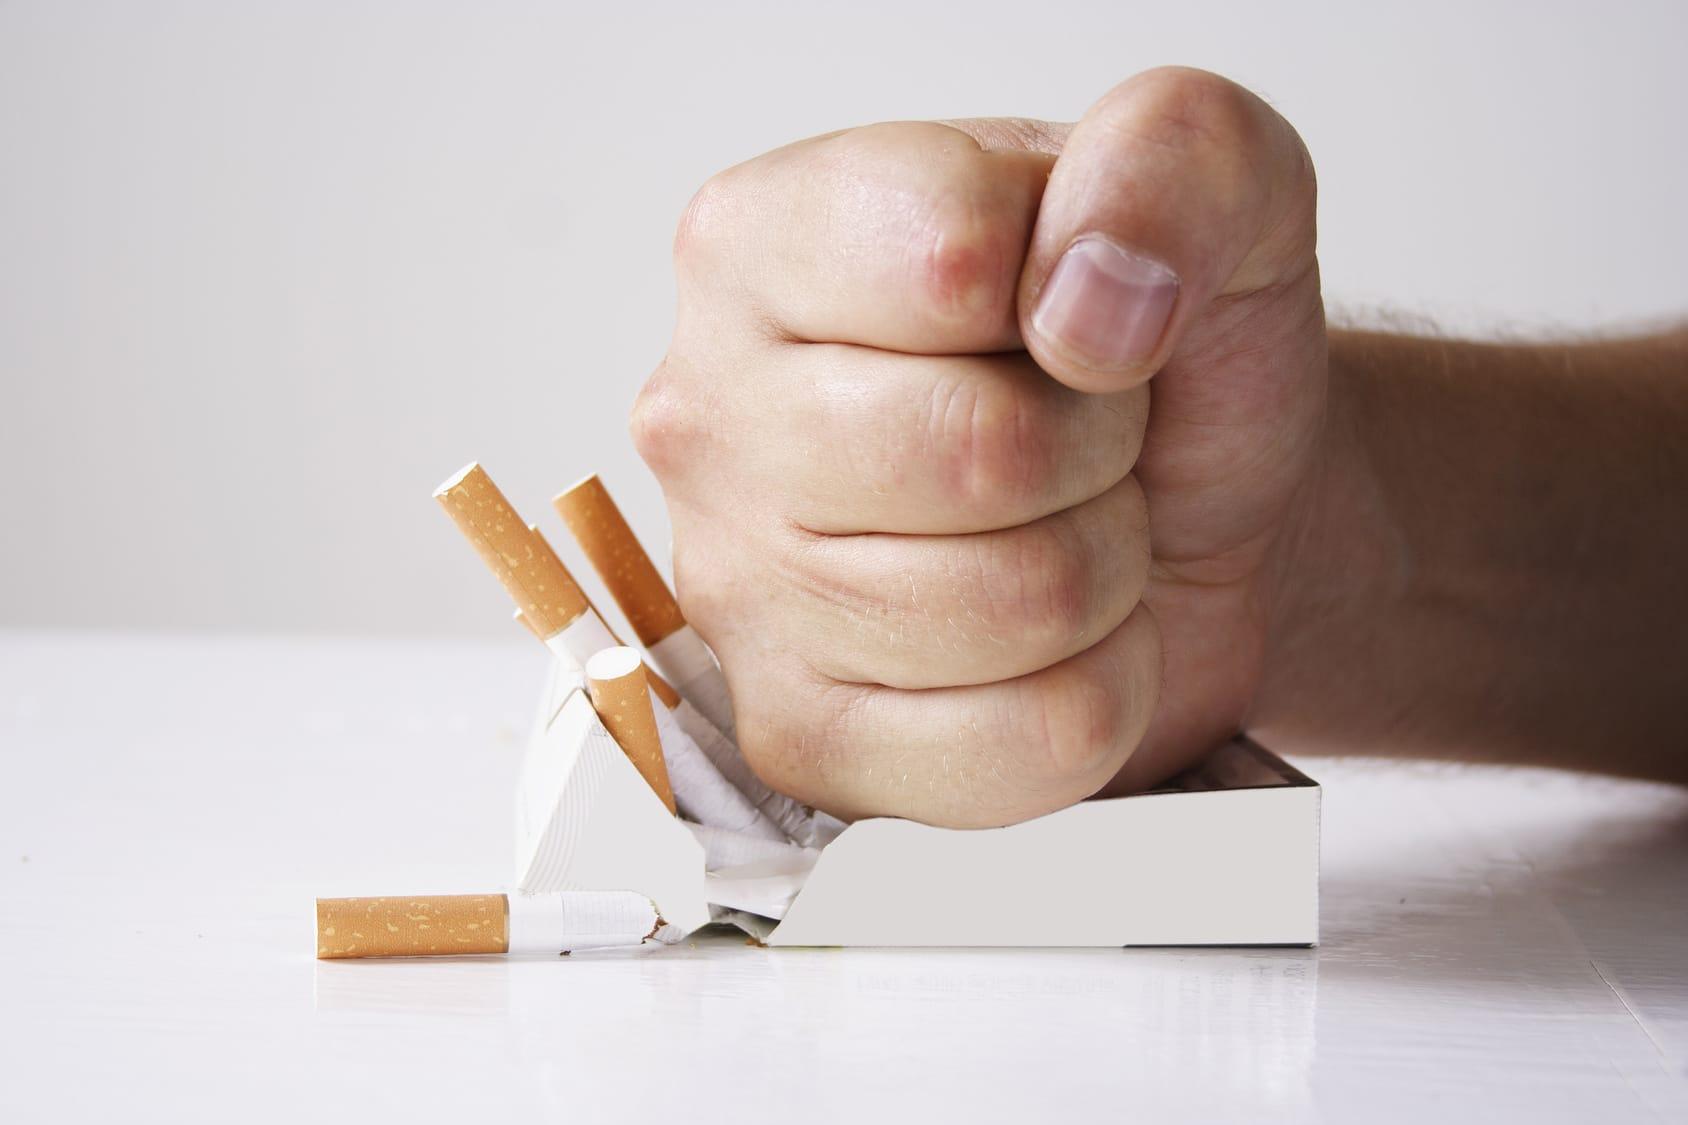 Zum rauchen aufhoren ohne zuzunehmen